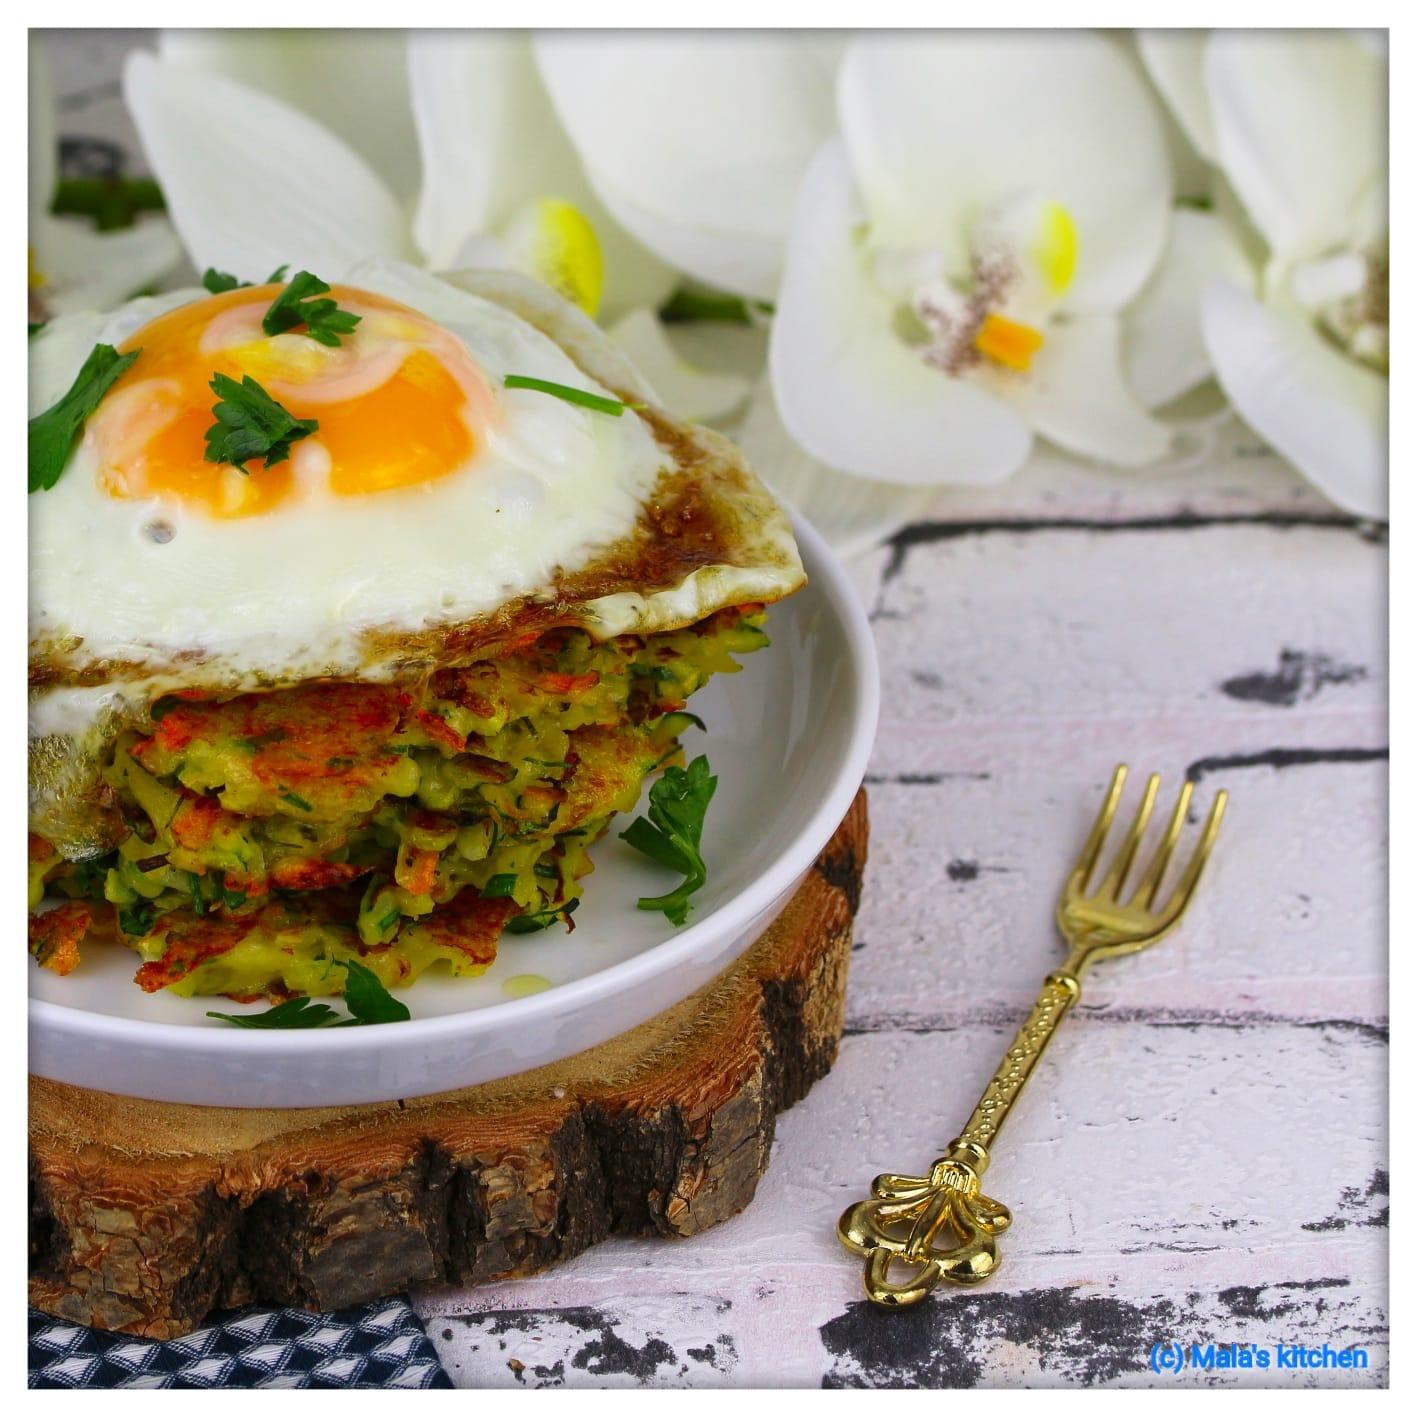 Kartoffel-Zucchini-Rösti mit Ei